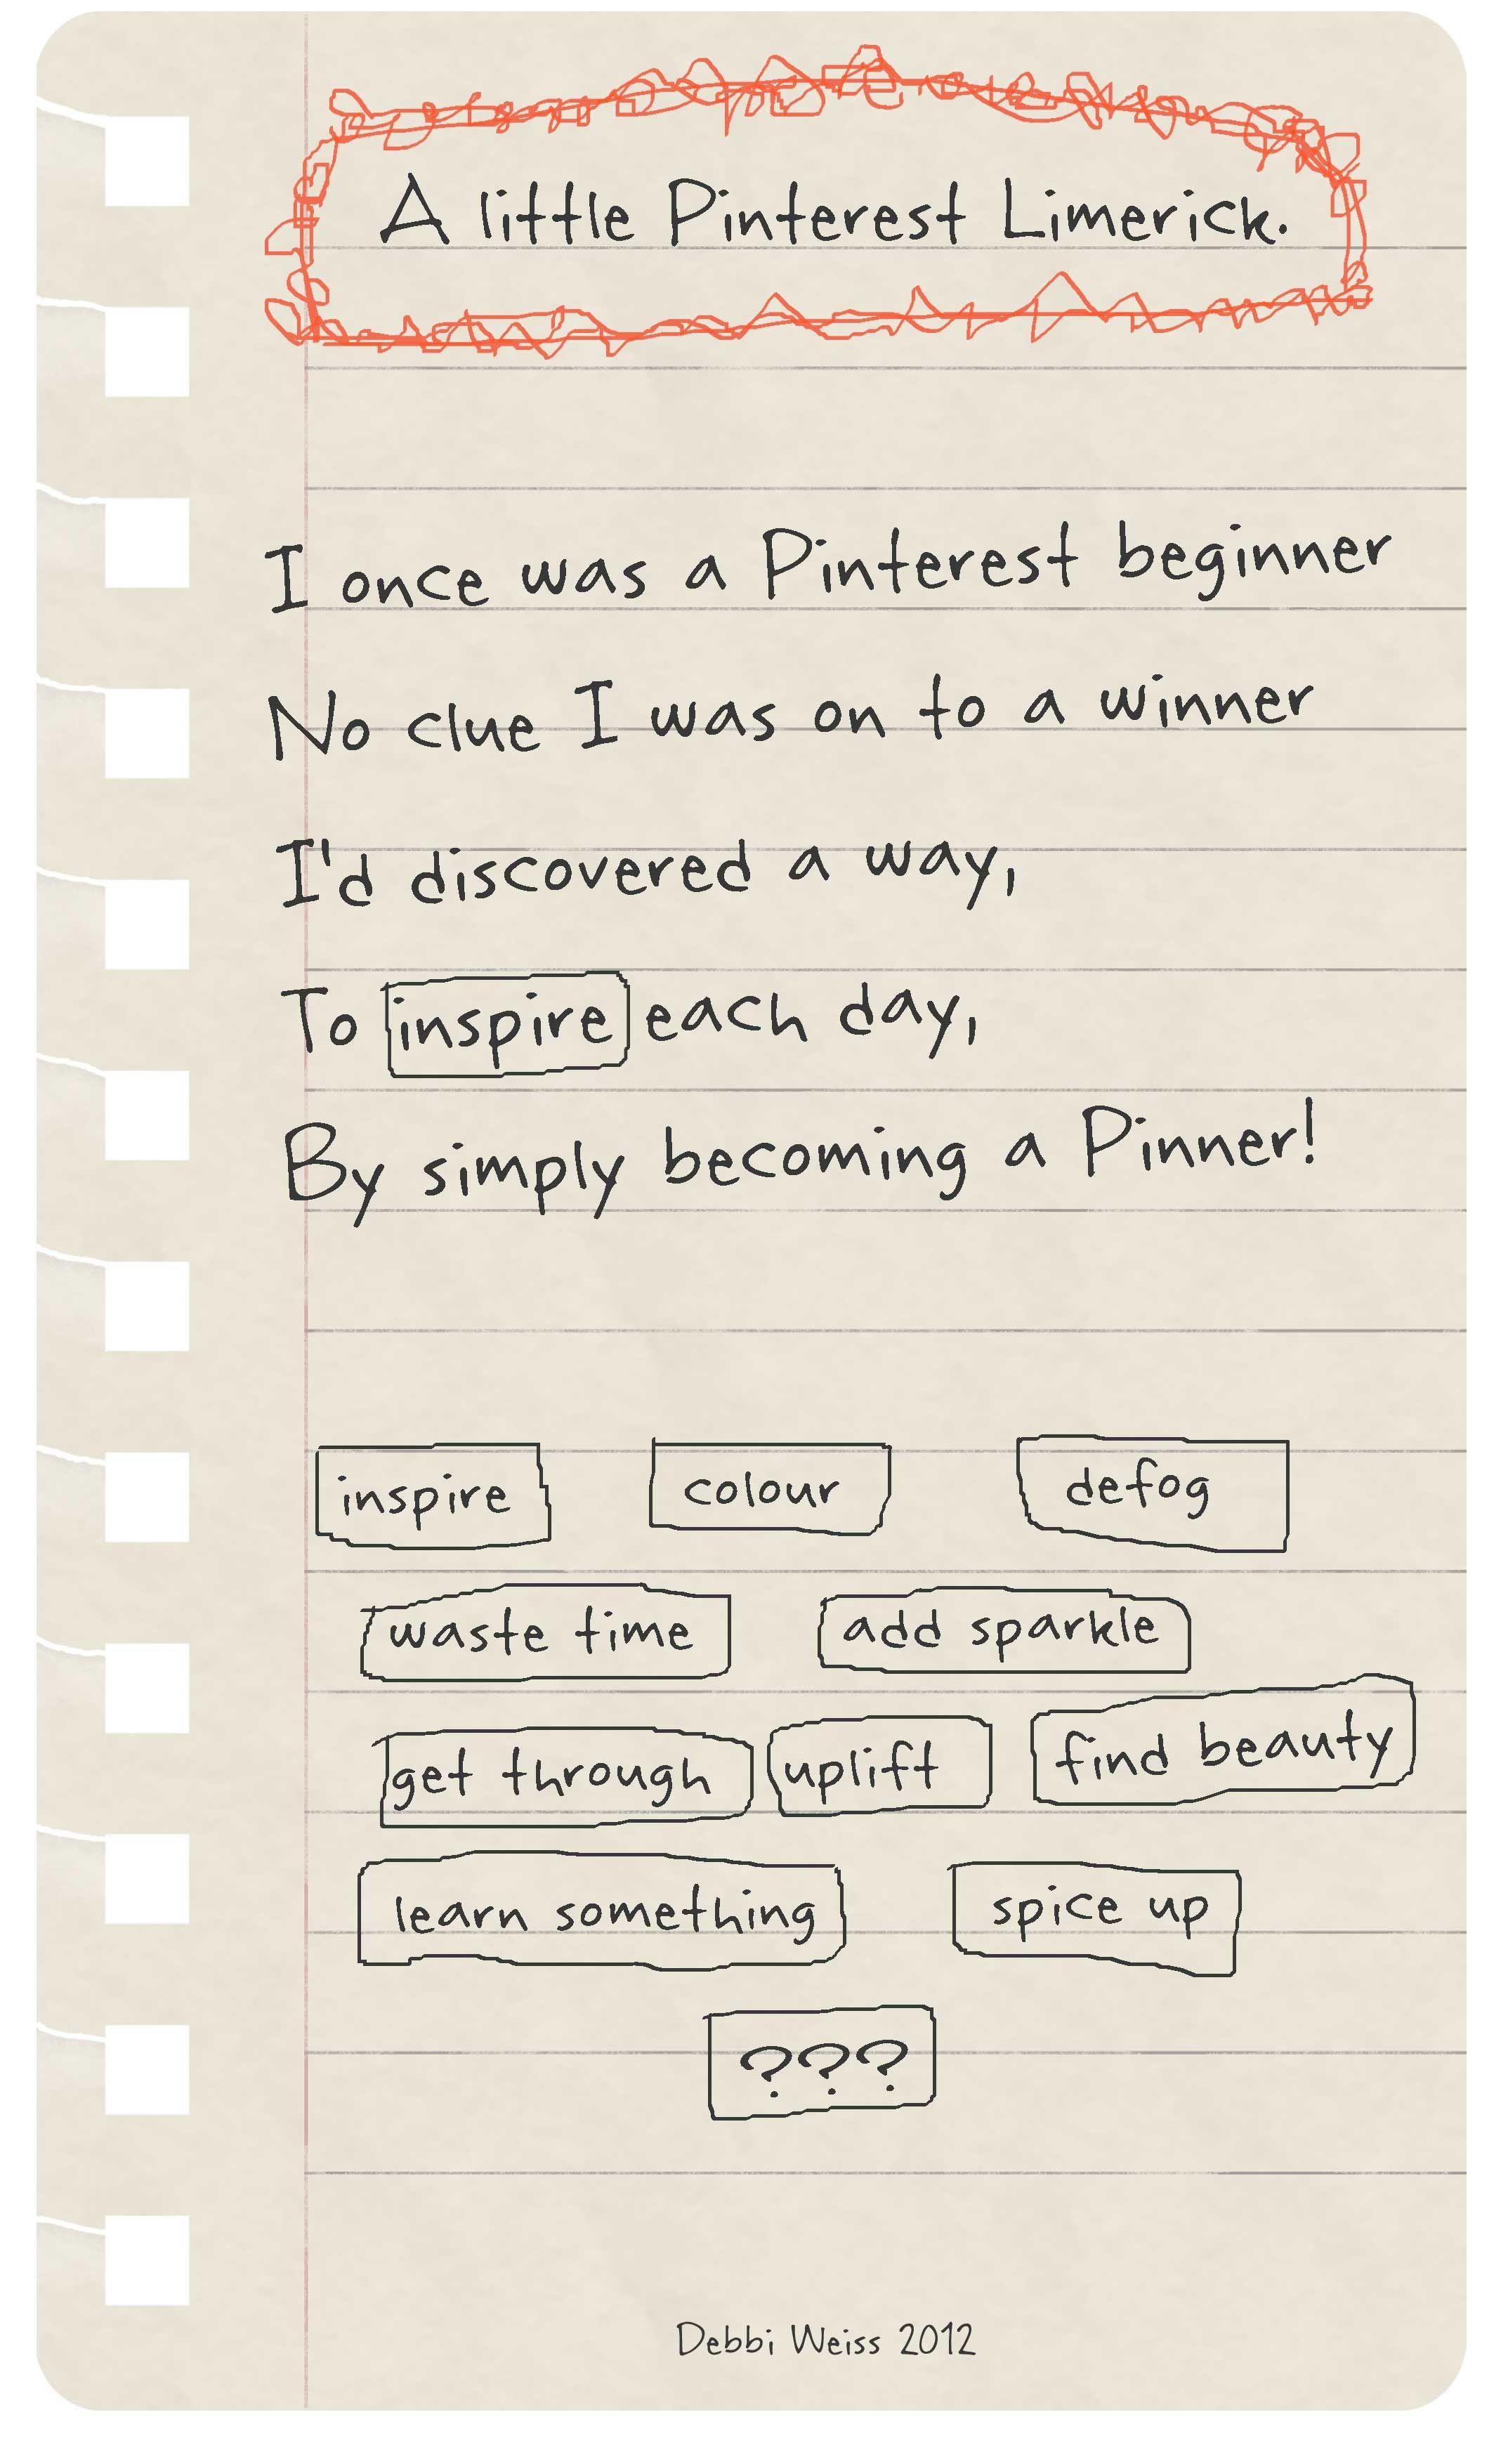 Pinterest Limerick